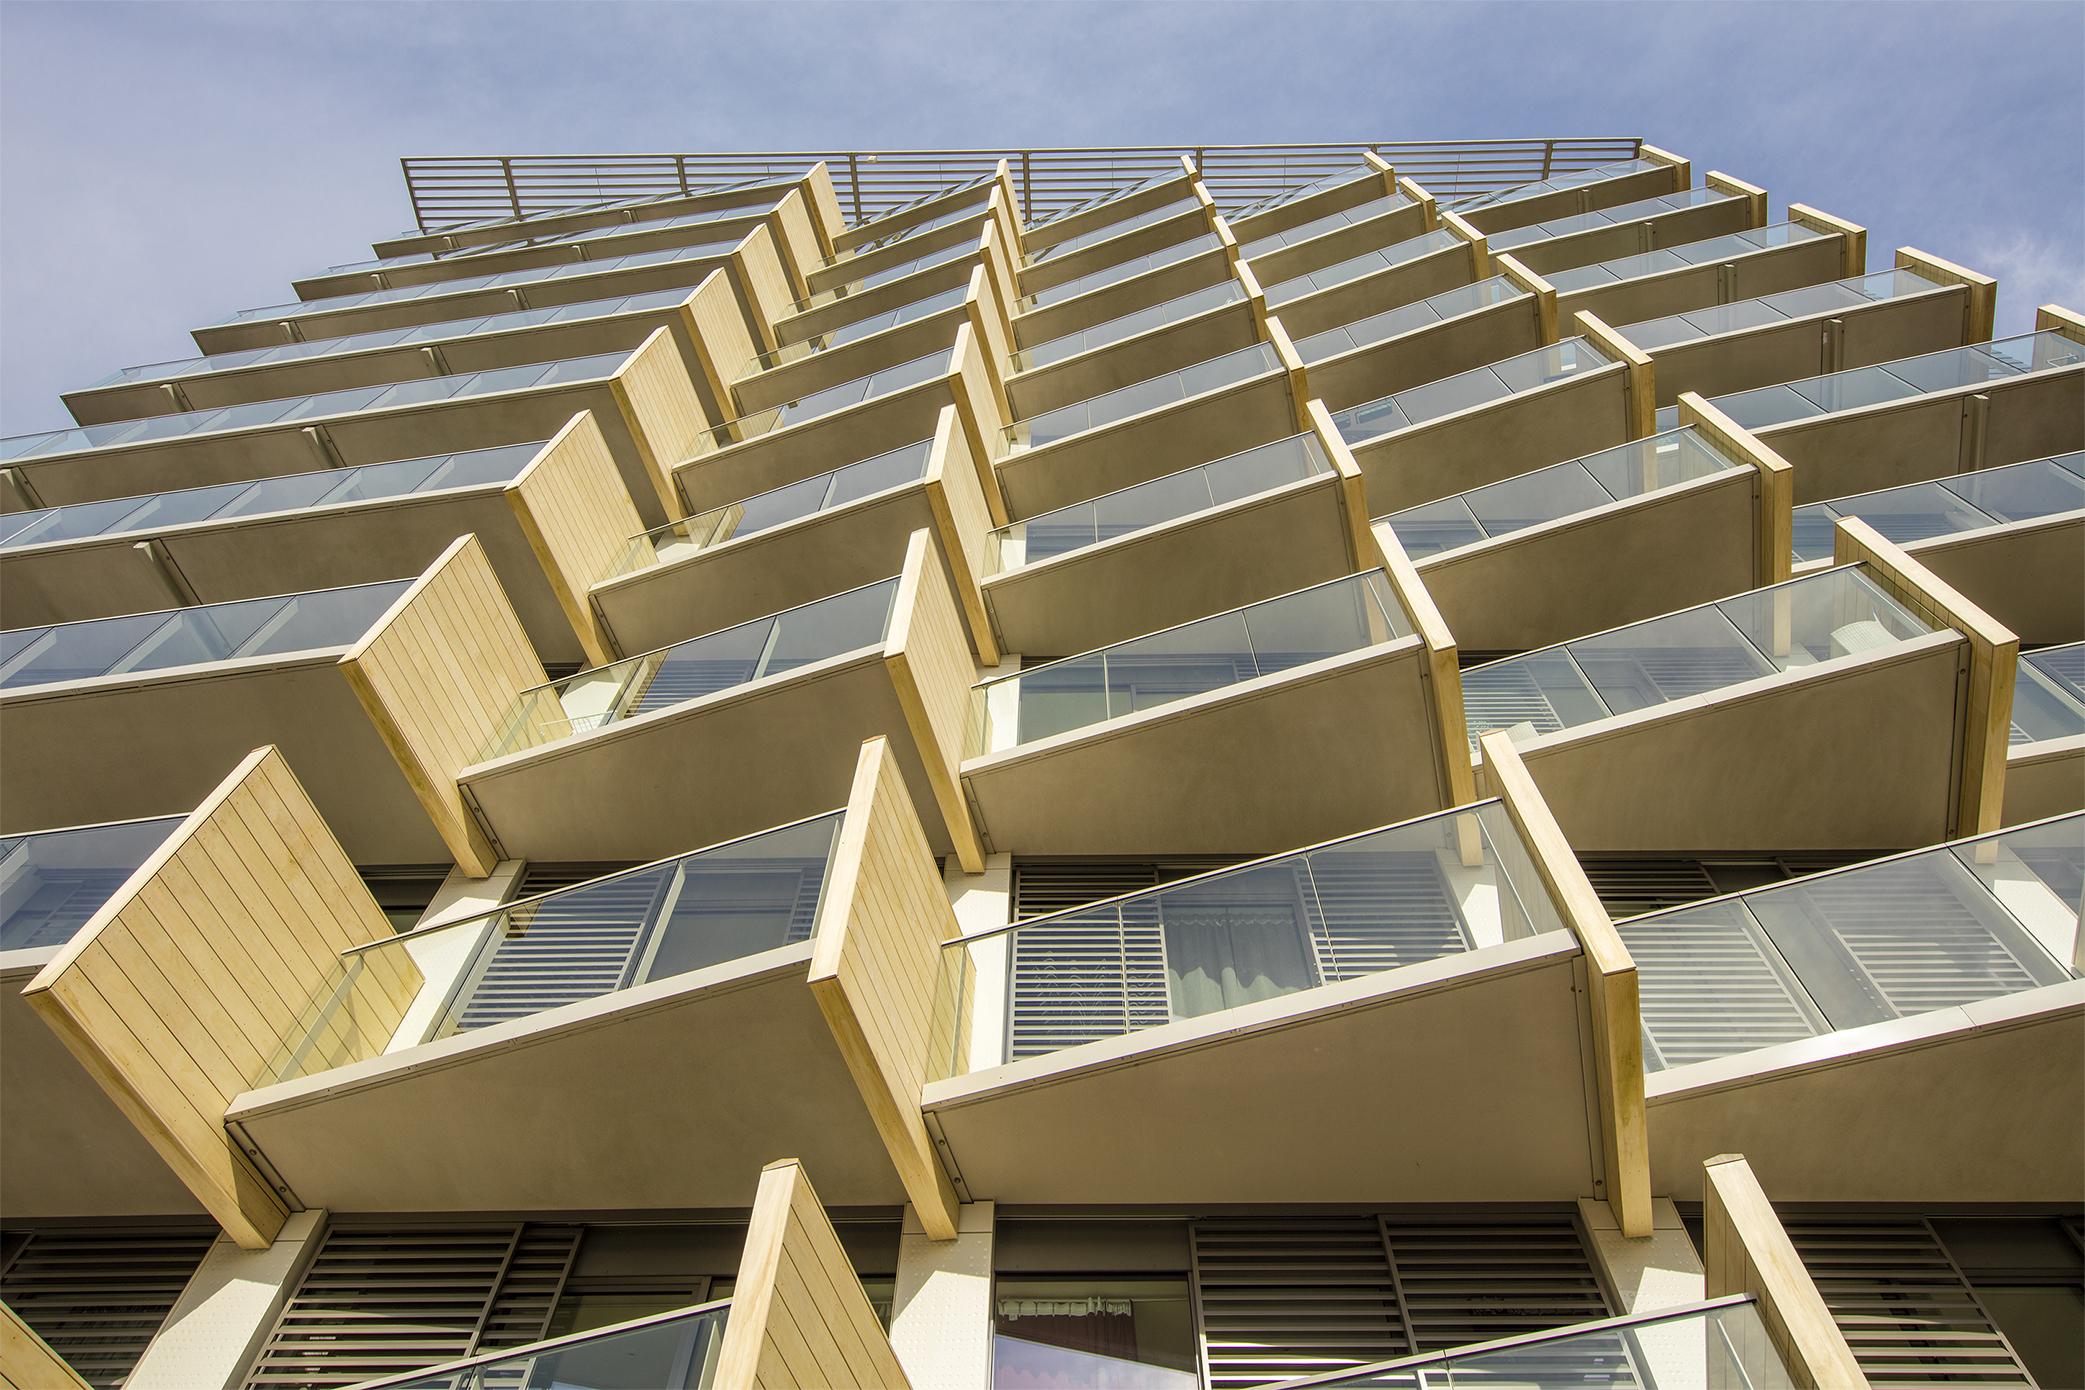 Appartementen complex u ccobra kwartieru d amstelveen u caransa groep